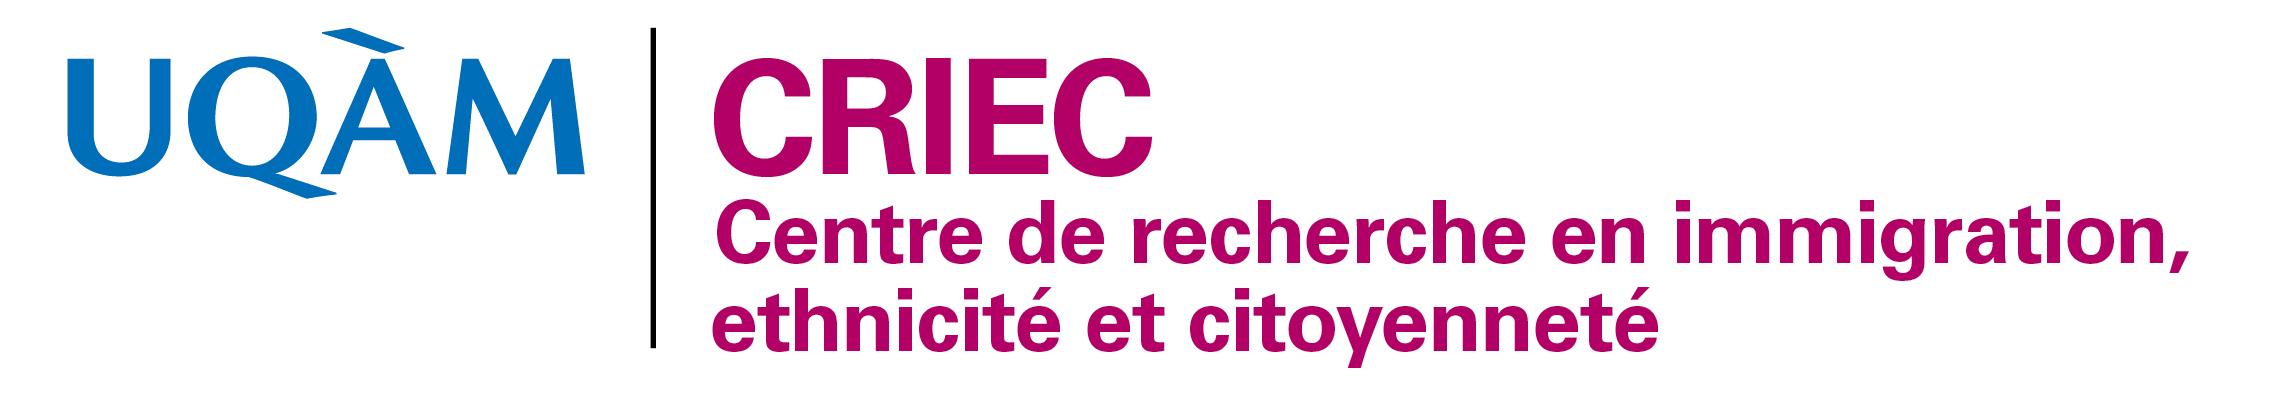 Centre de recherche en immigration, ethnicité et citoyenneté (CRIEC)